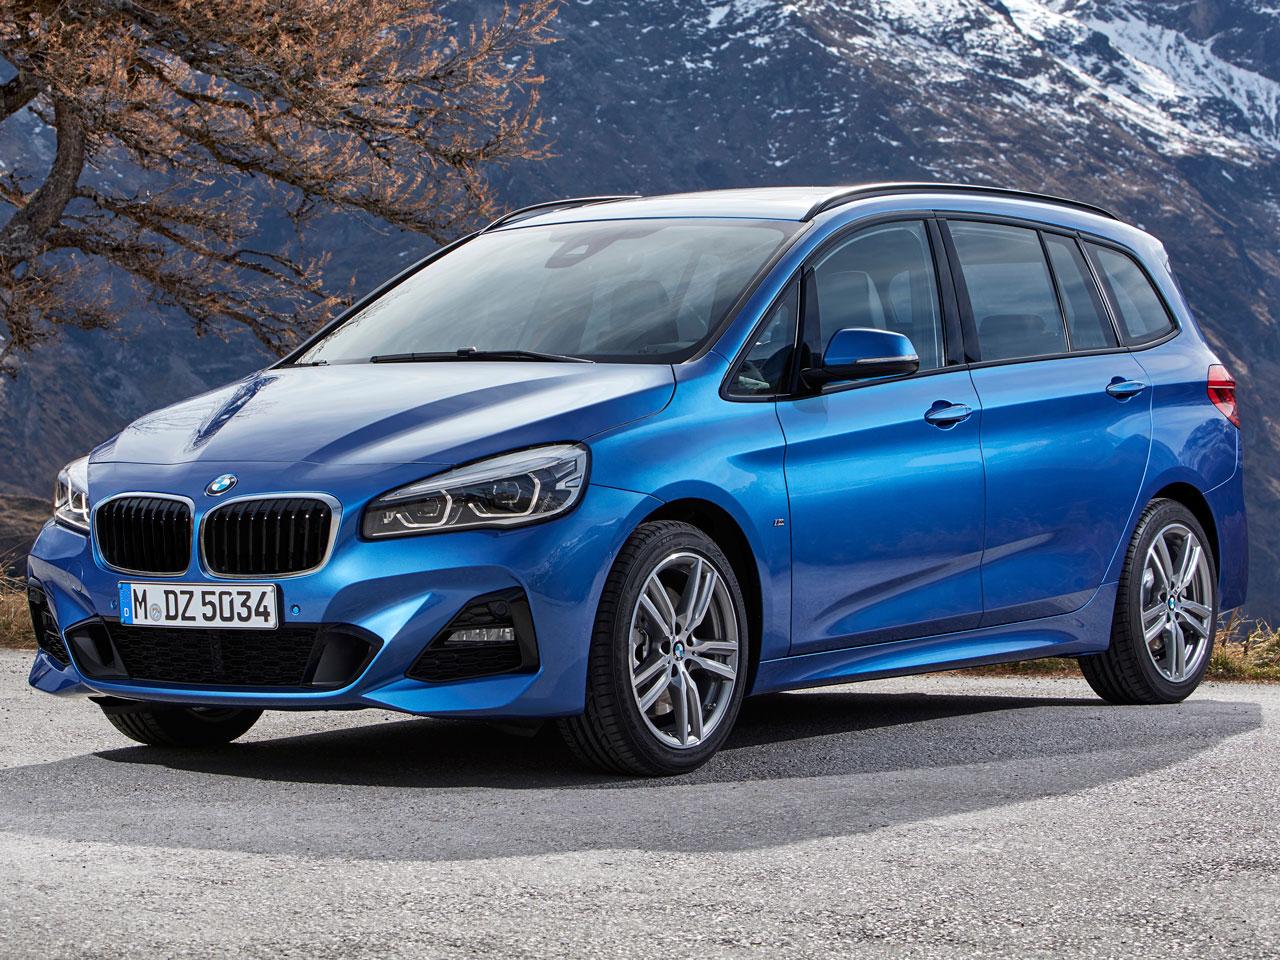 BMW 2シリーズ グランツアラー 2015年モデル 新車画像